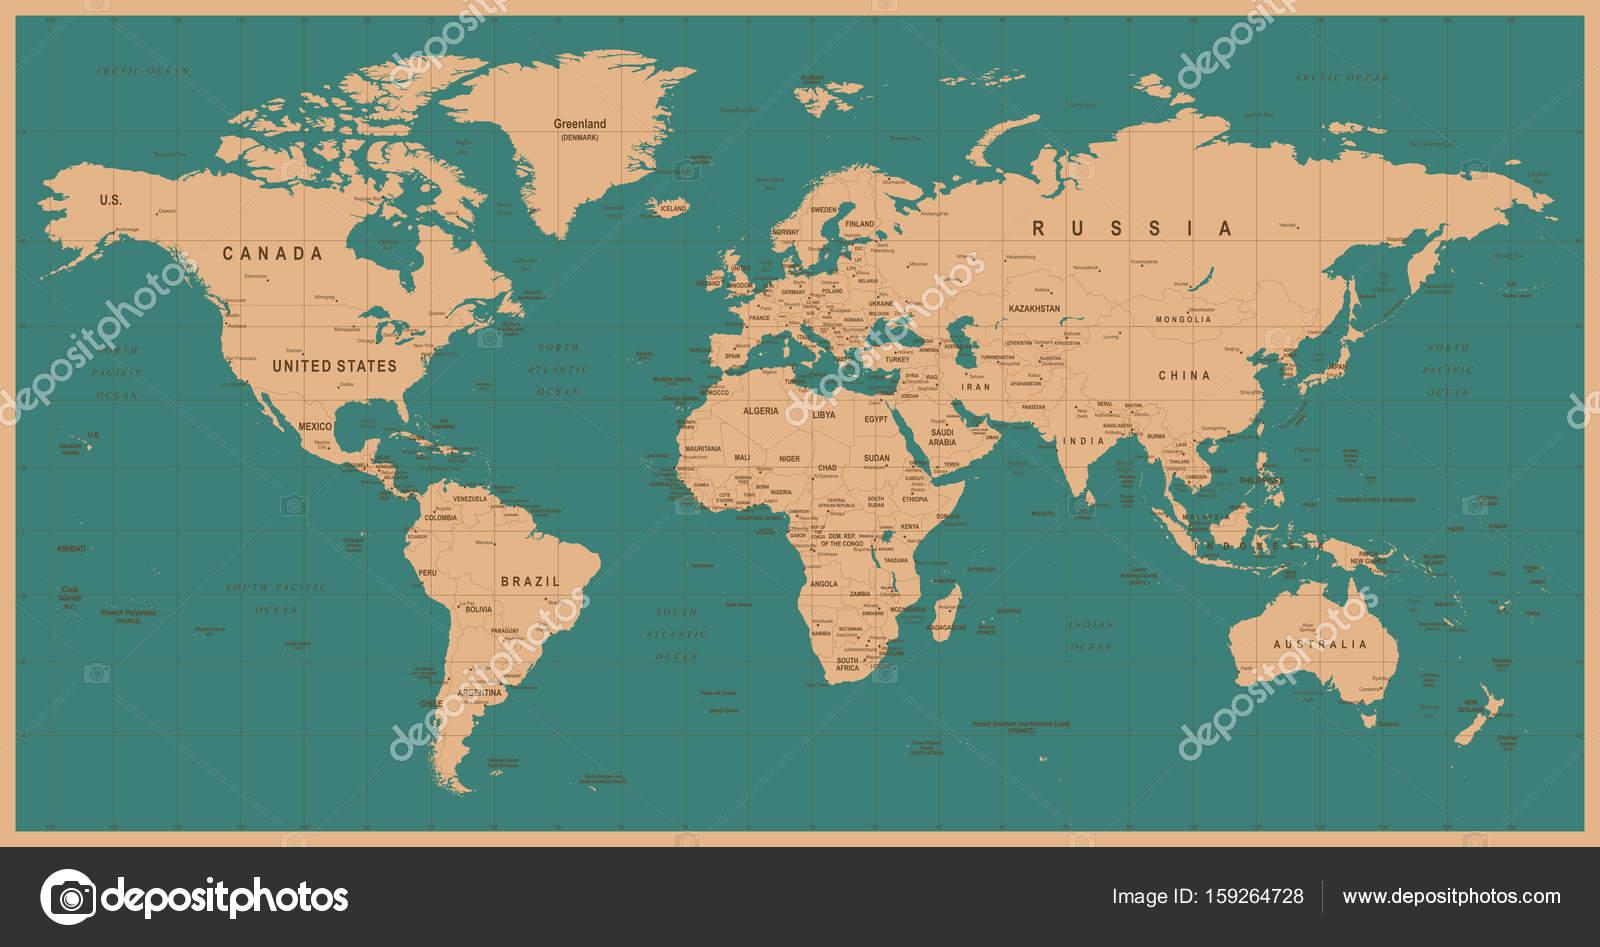 Wereld kaart vector vintage gedetailleerde illustratie van de wereld kaart vector vintage gedetailleerde illustratie van de wereldkaart stockvector altavistaventures Images